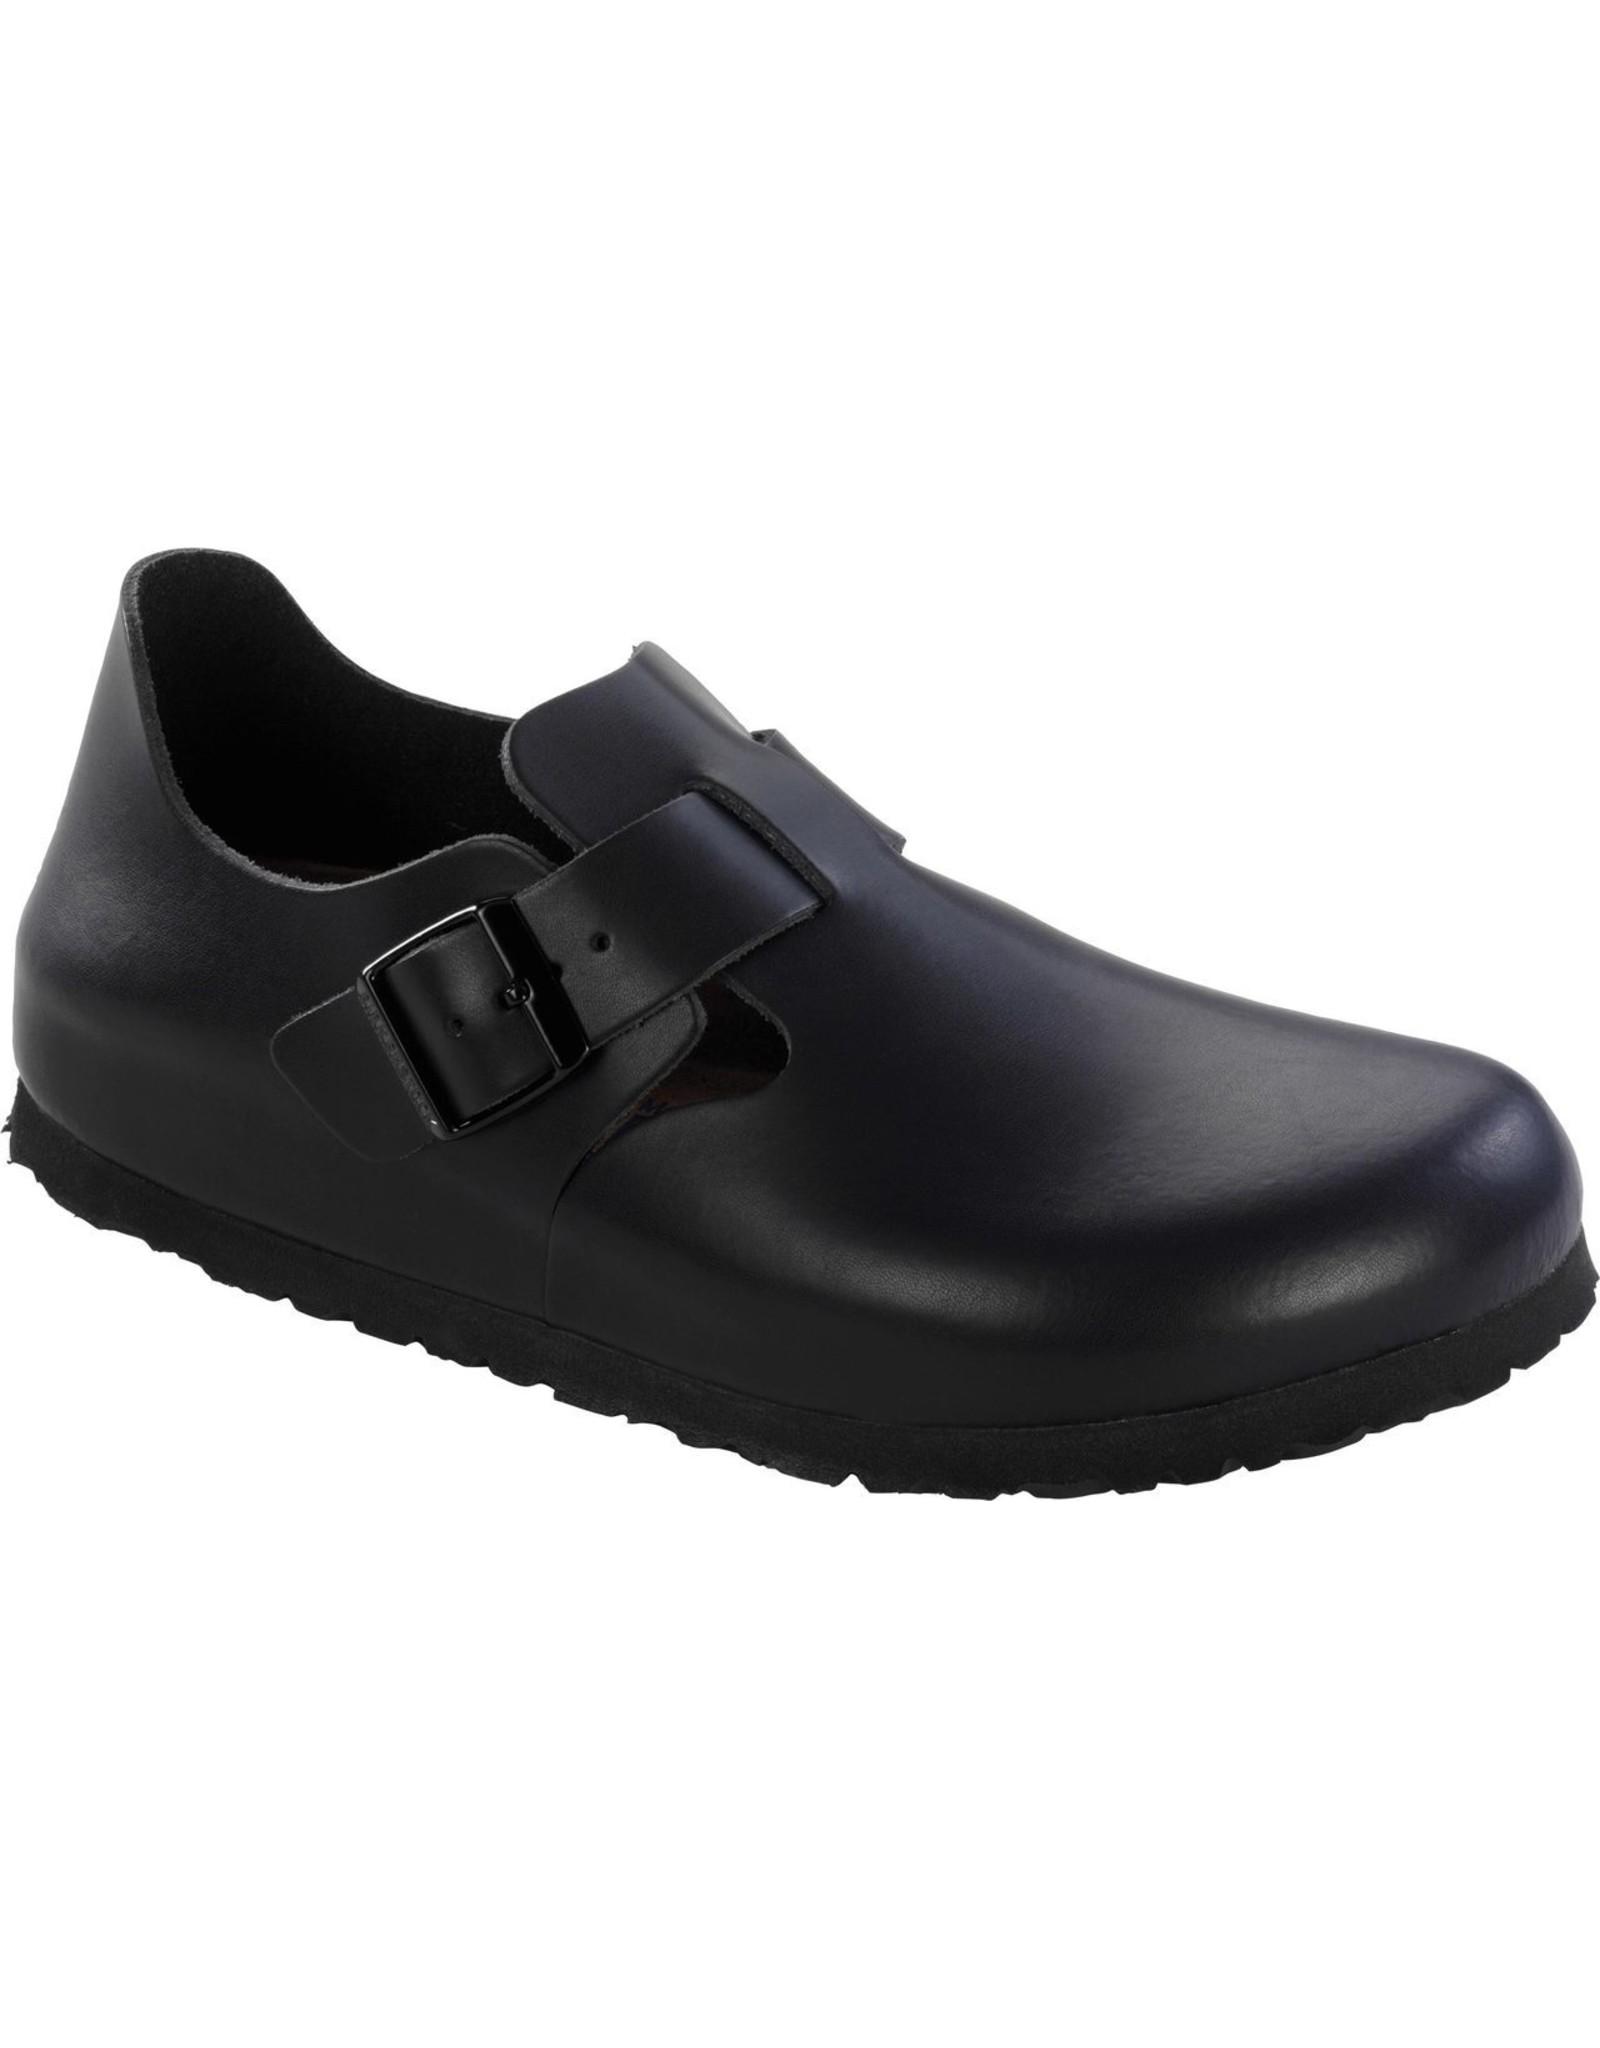 BIRKENSTOCK LONDON SOFT FOOTBED-HUNTER BLACK